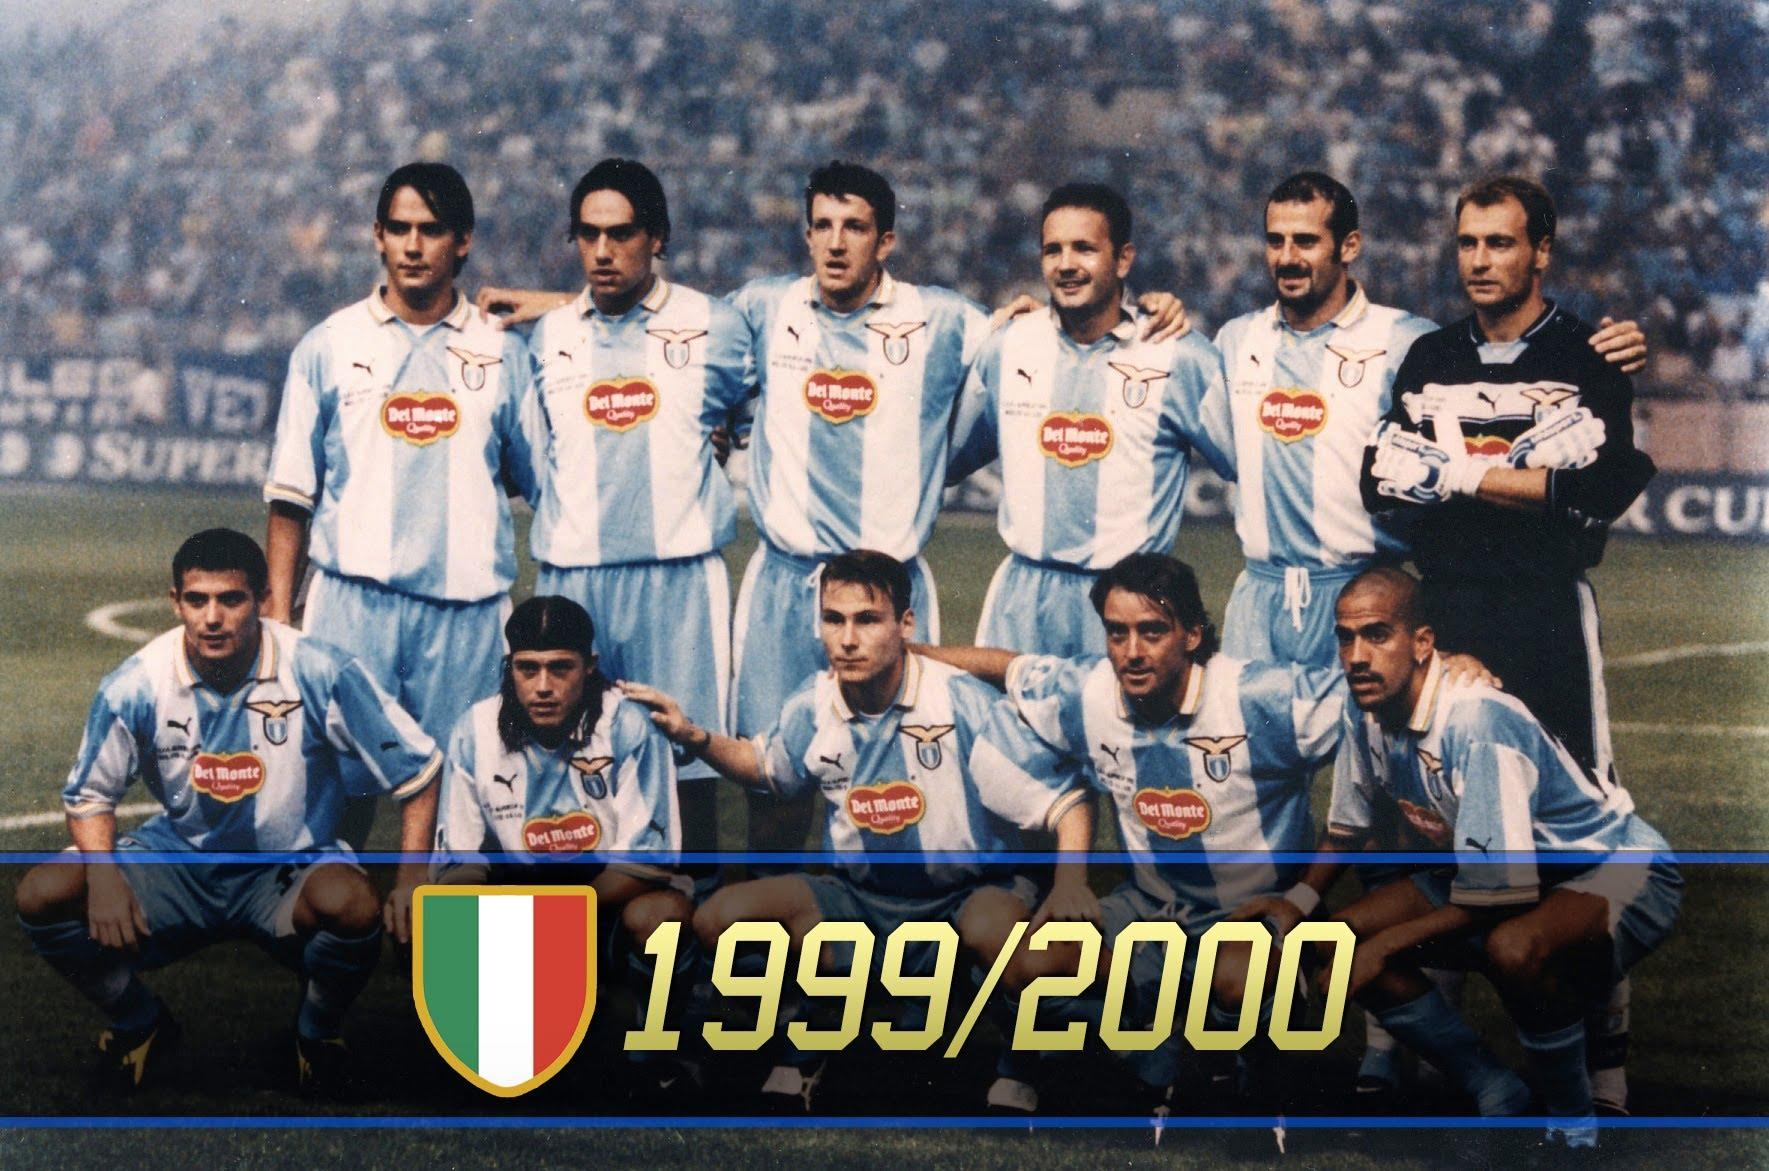 Afbeeldingsresultaat voor lazio scudetto 2000